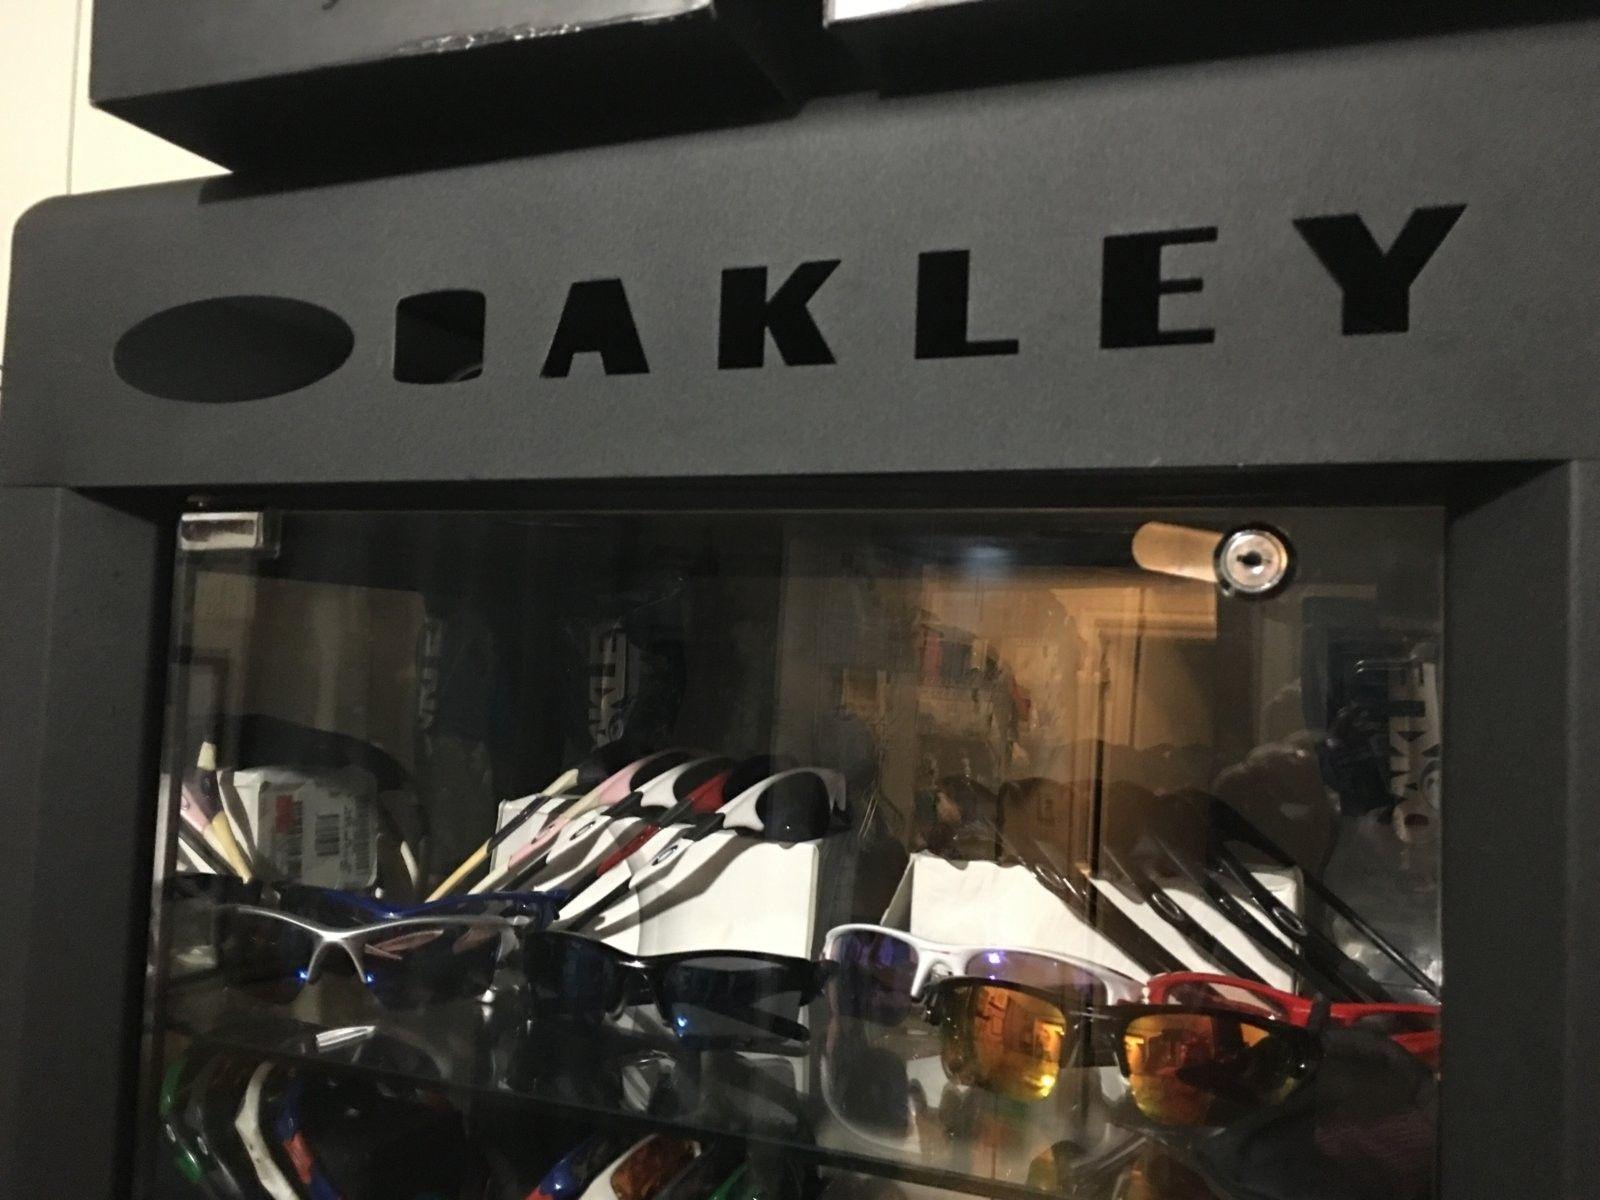 3.0 Oakley lettering - image.jpg